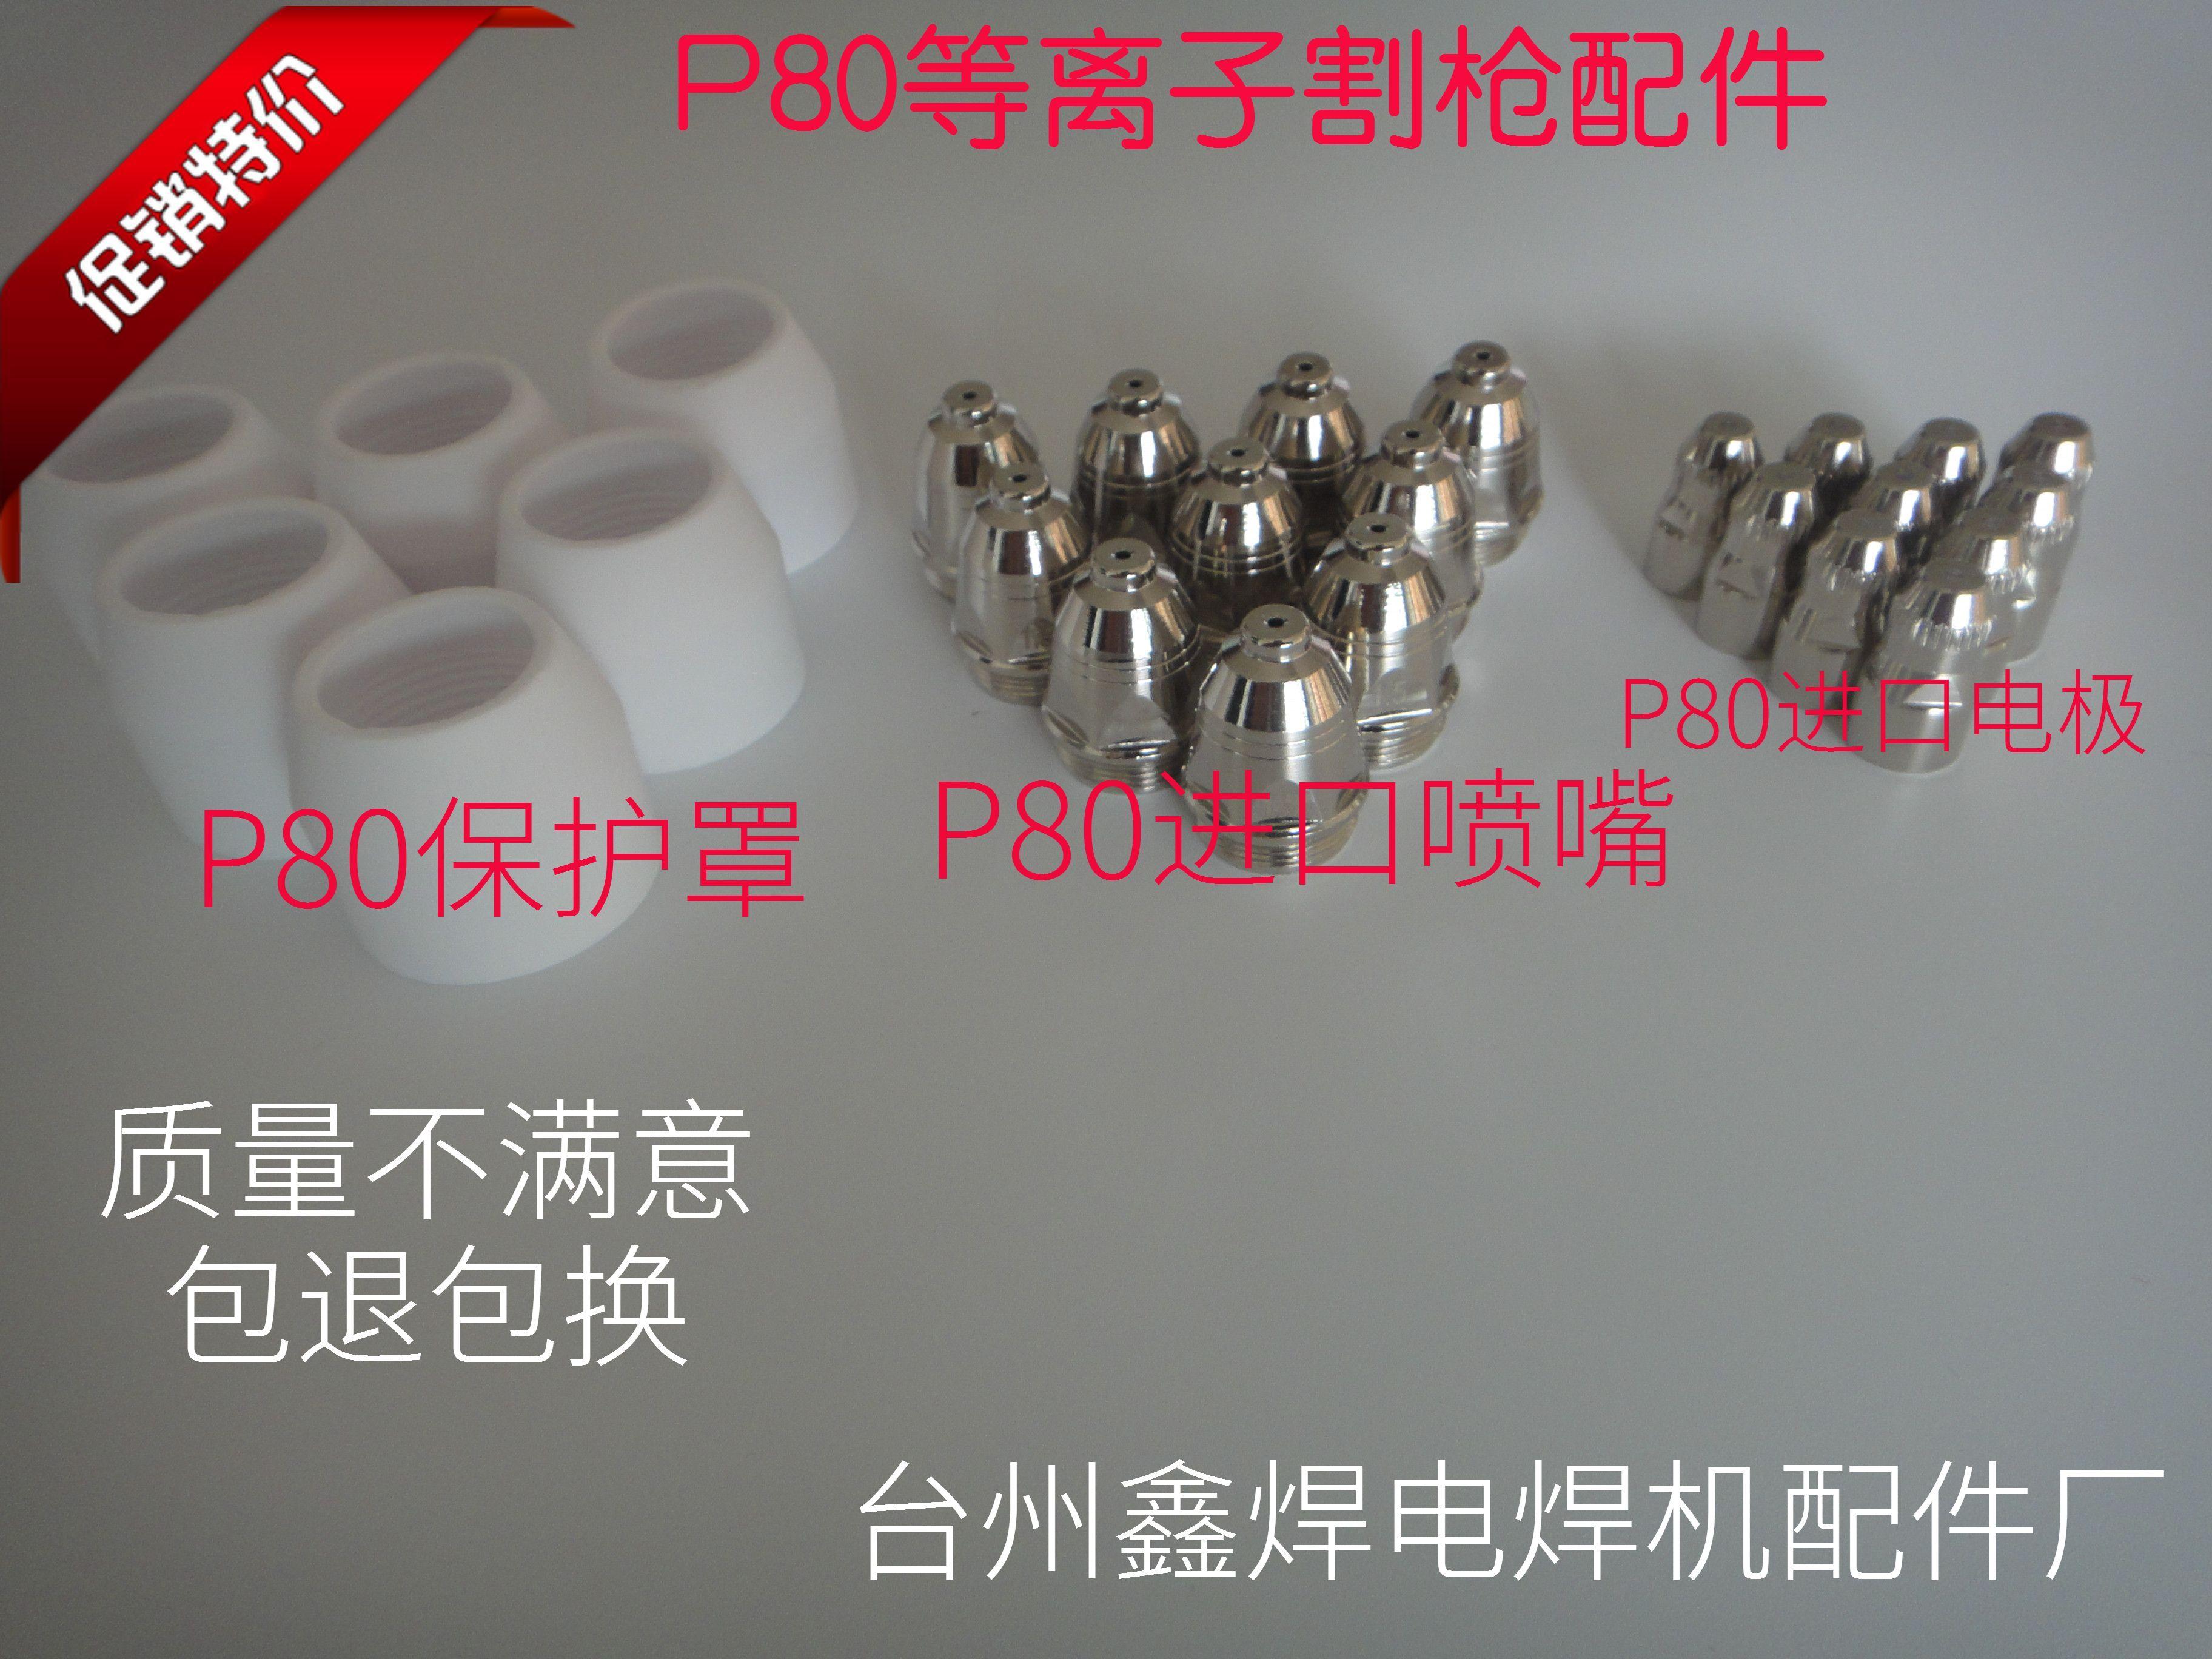 Сосна низ P80 электродное сопло LGK-100 сопло плазменного электрода p80 режущее сопло(Импортированный шелк)